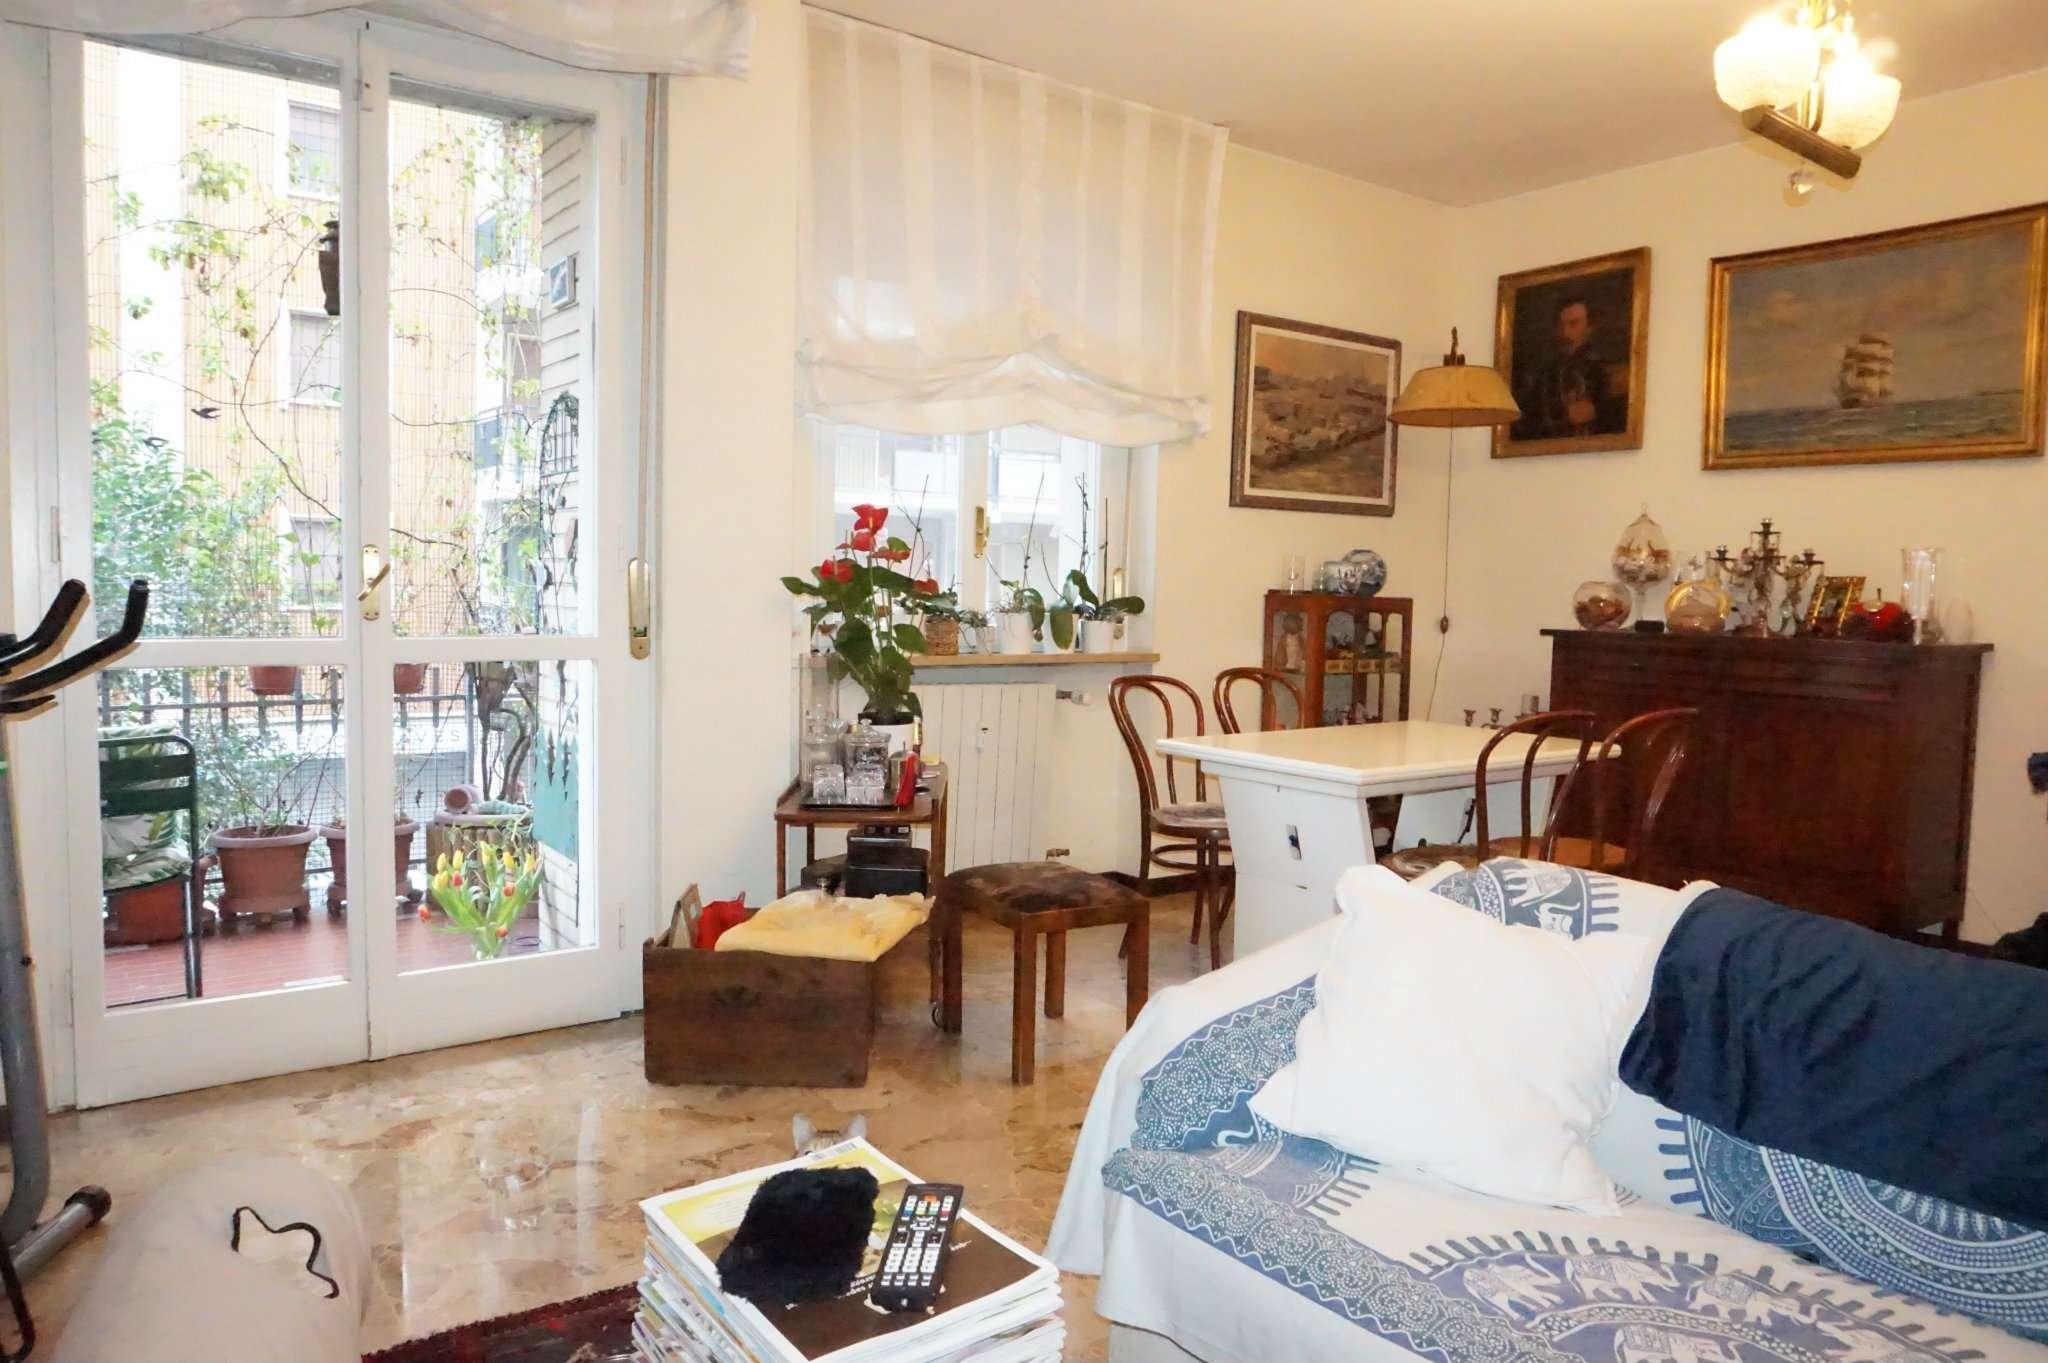 Appartamento in vendita a Melegnano, 4 locali, prezzo € 220.000 | PortaleAgenzieImmobiliari.it